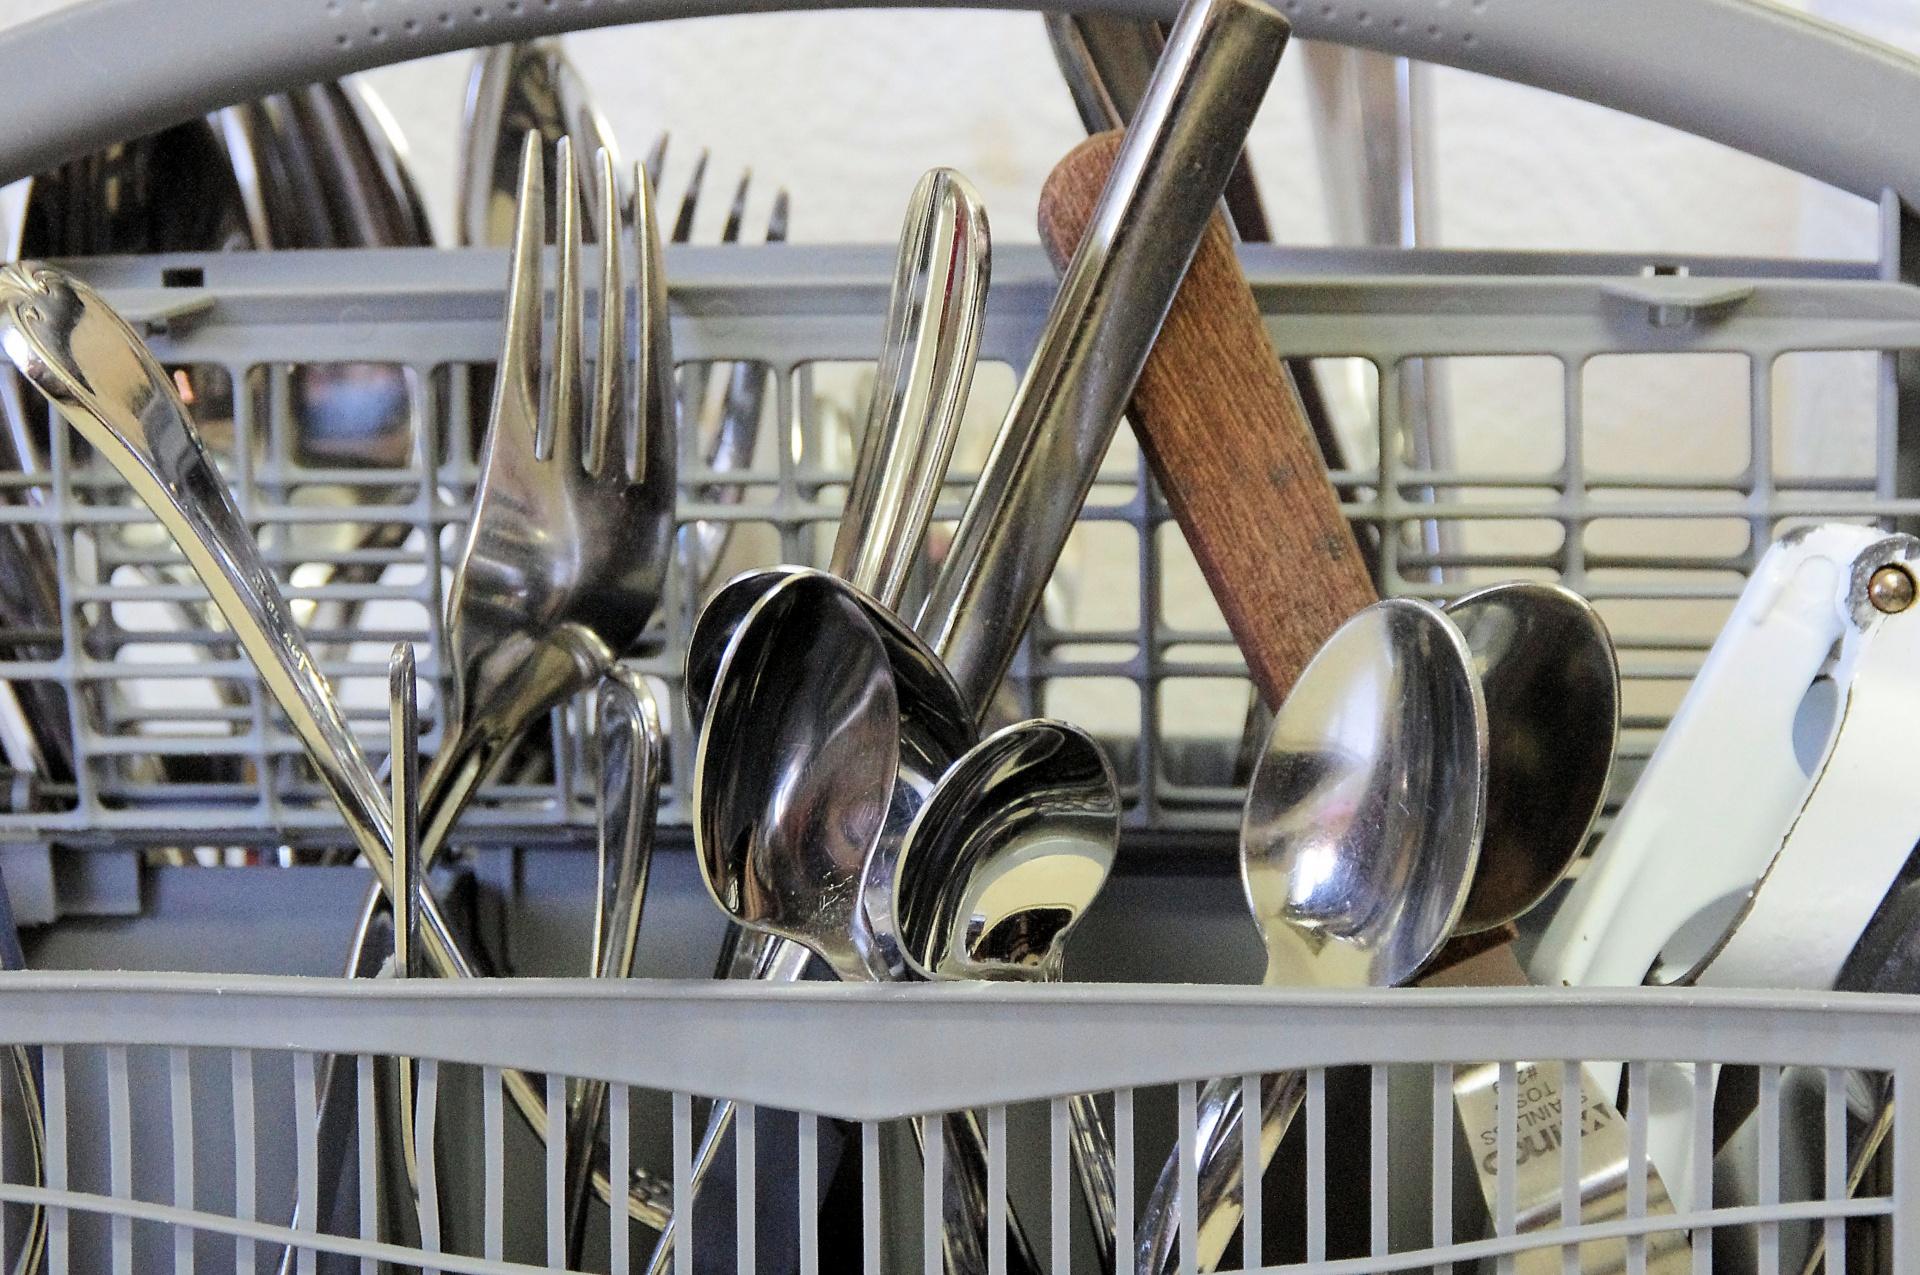 Nettoyer son lave vaisselle